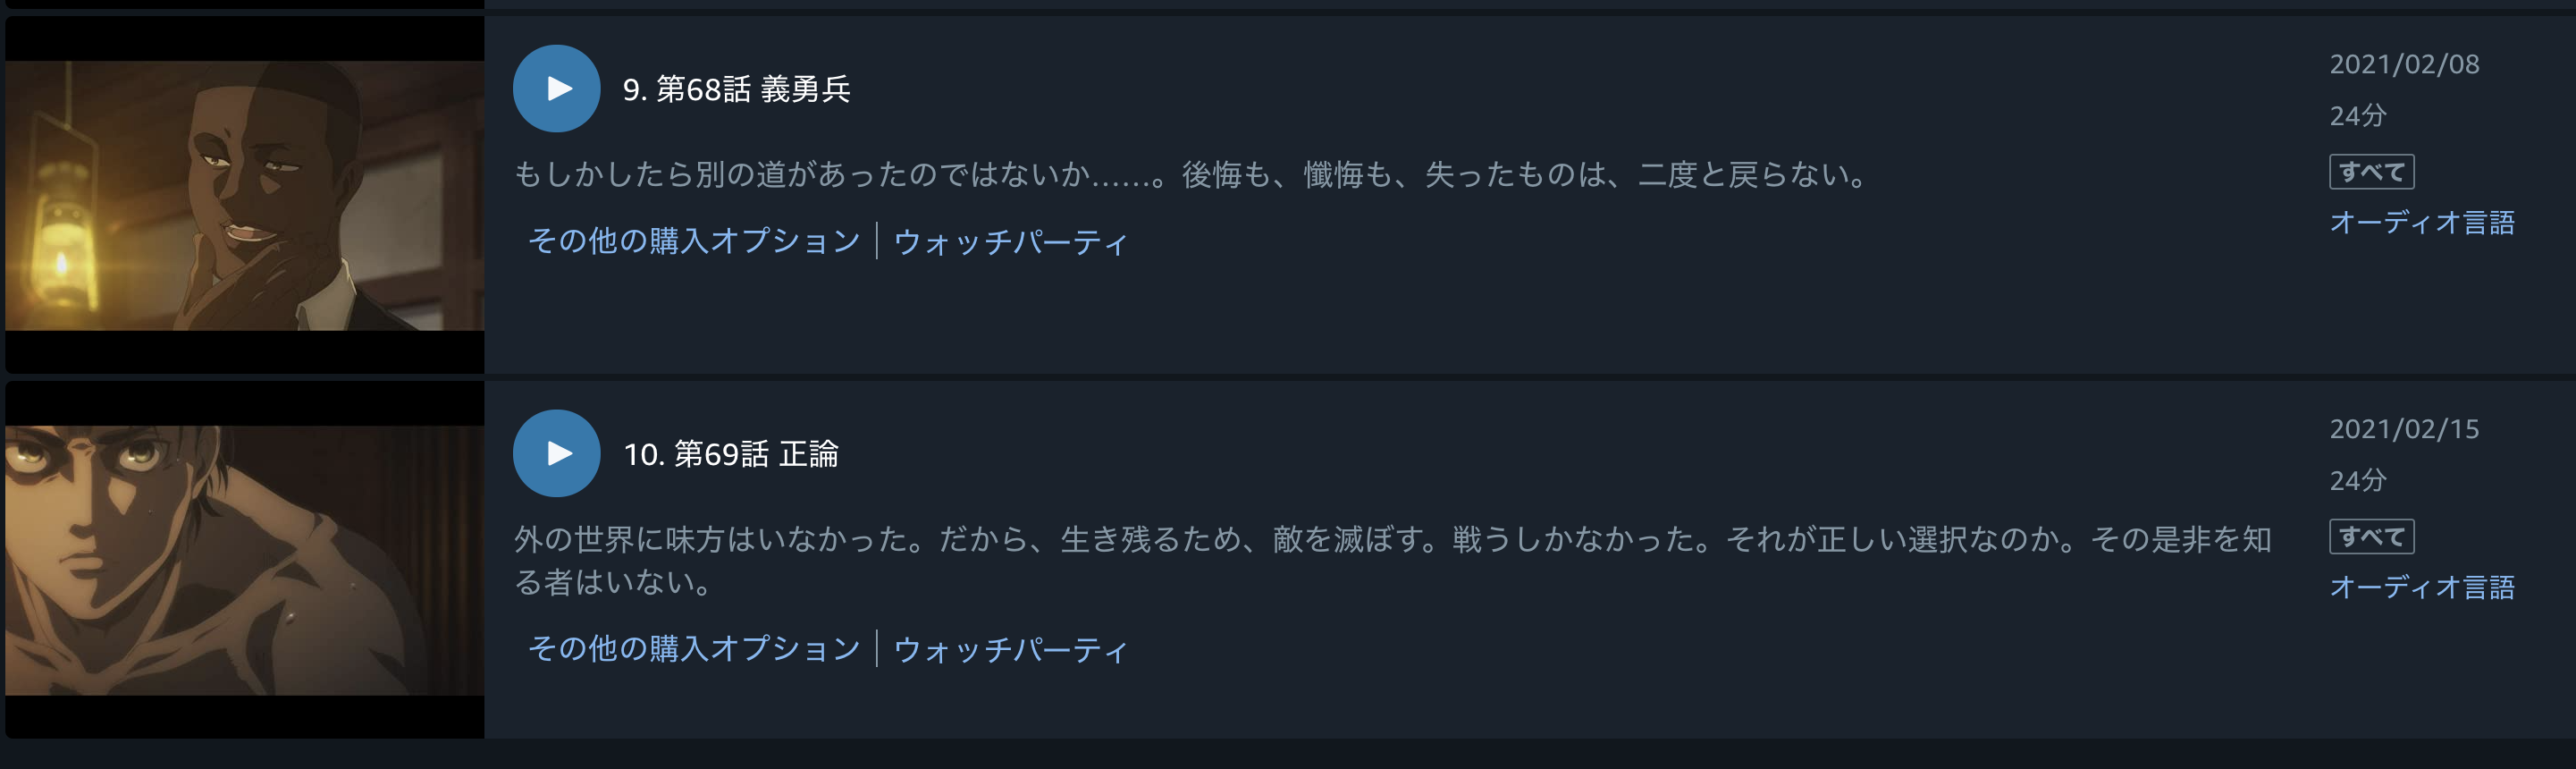 スクリーンショット 2021 02 23 20.37.43 - 【進撃の巨人】Amazonプライムビデオ(アマプラ)がアニメ第70話を削除・非公開にした原因や理由考察【韓国からのクレーム?】